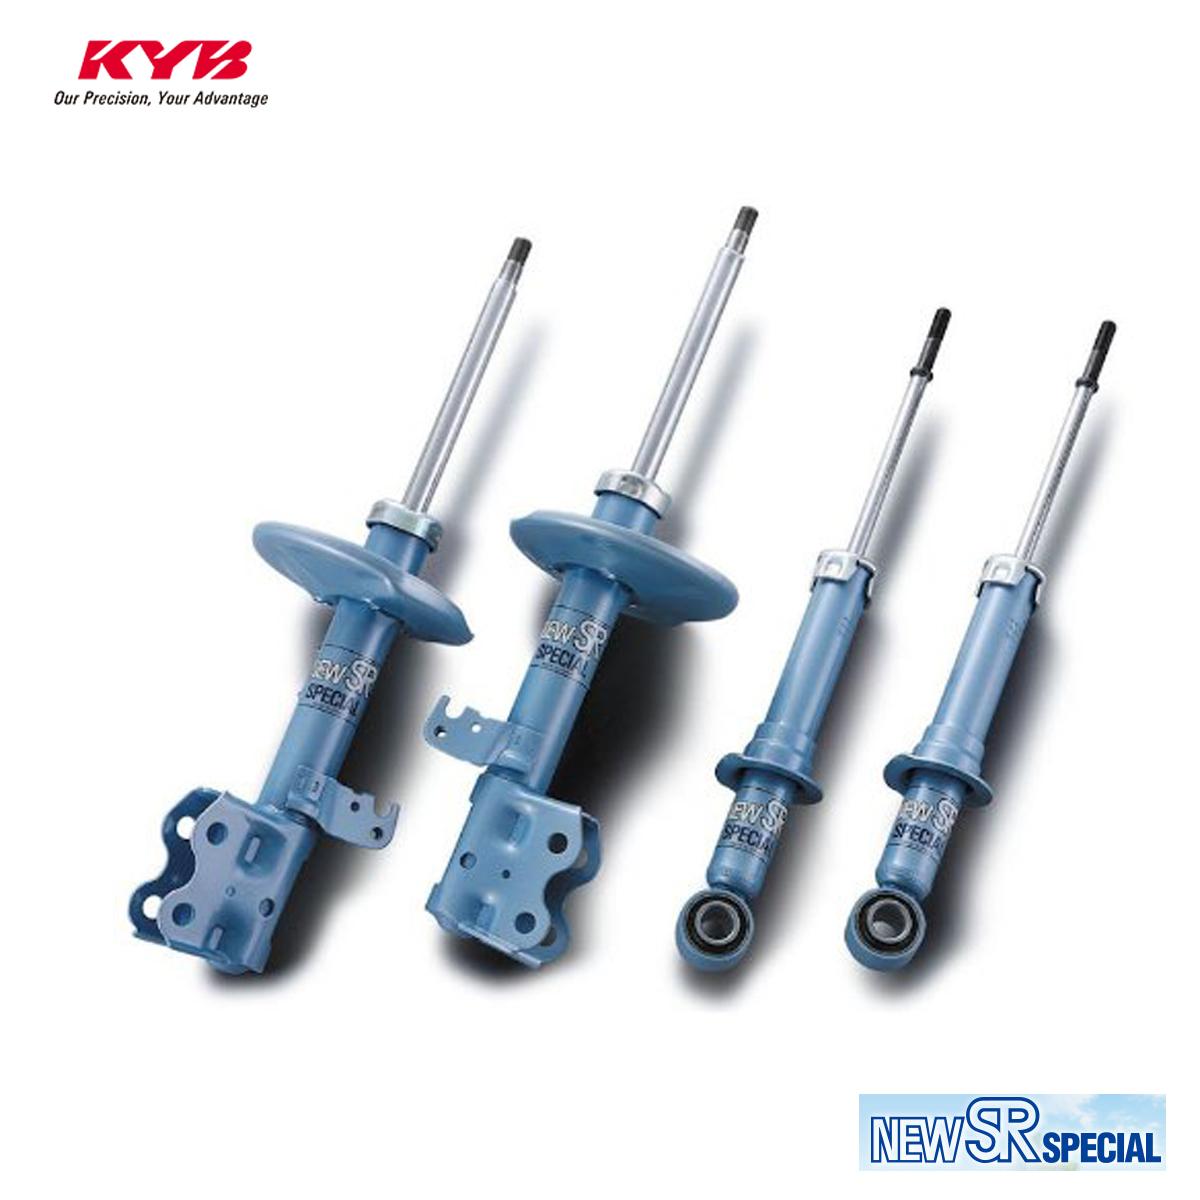 KYB カヤバ ヴィッツ NCP91 ショックアブソーバー 1台分 NEW SR SPECIAL NS-52901063 配送先条件有り